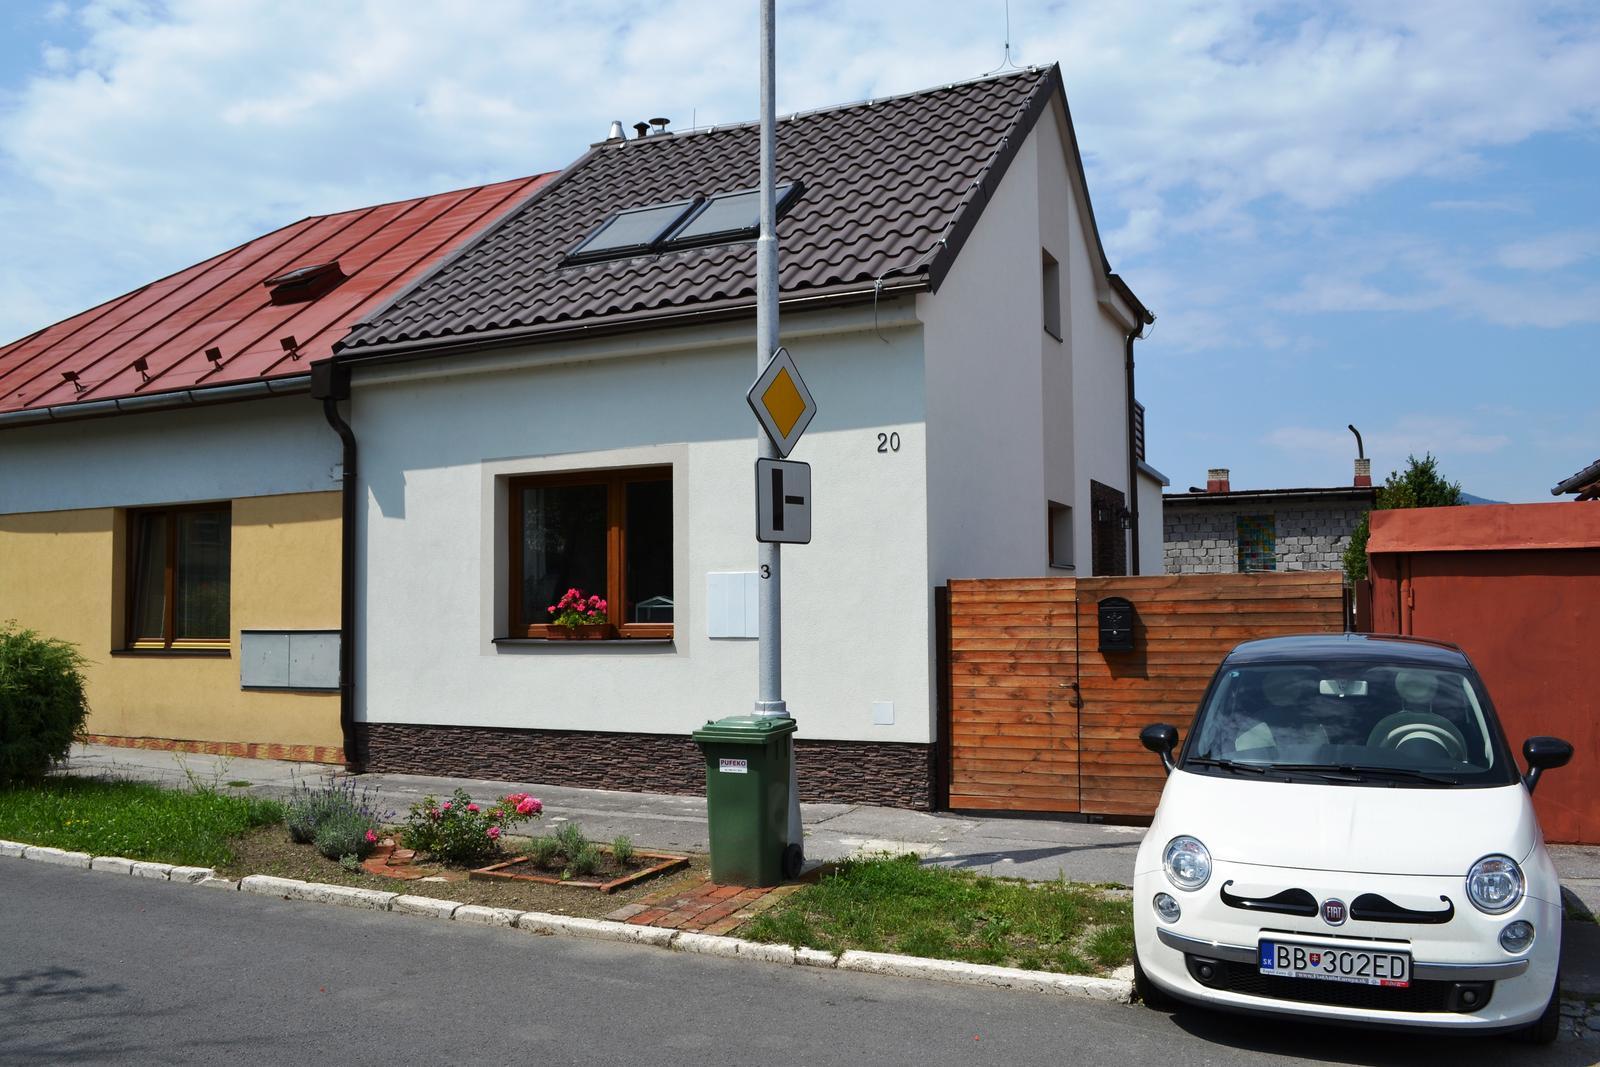 Projekt - záhrada ;-) - nas maly dom, nas maly fuzik a nasa mala predzahradka odfotene cez cestu :-)